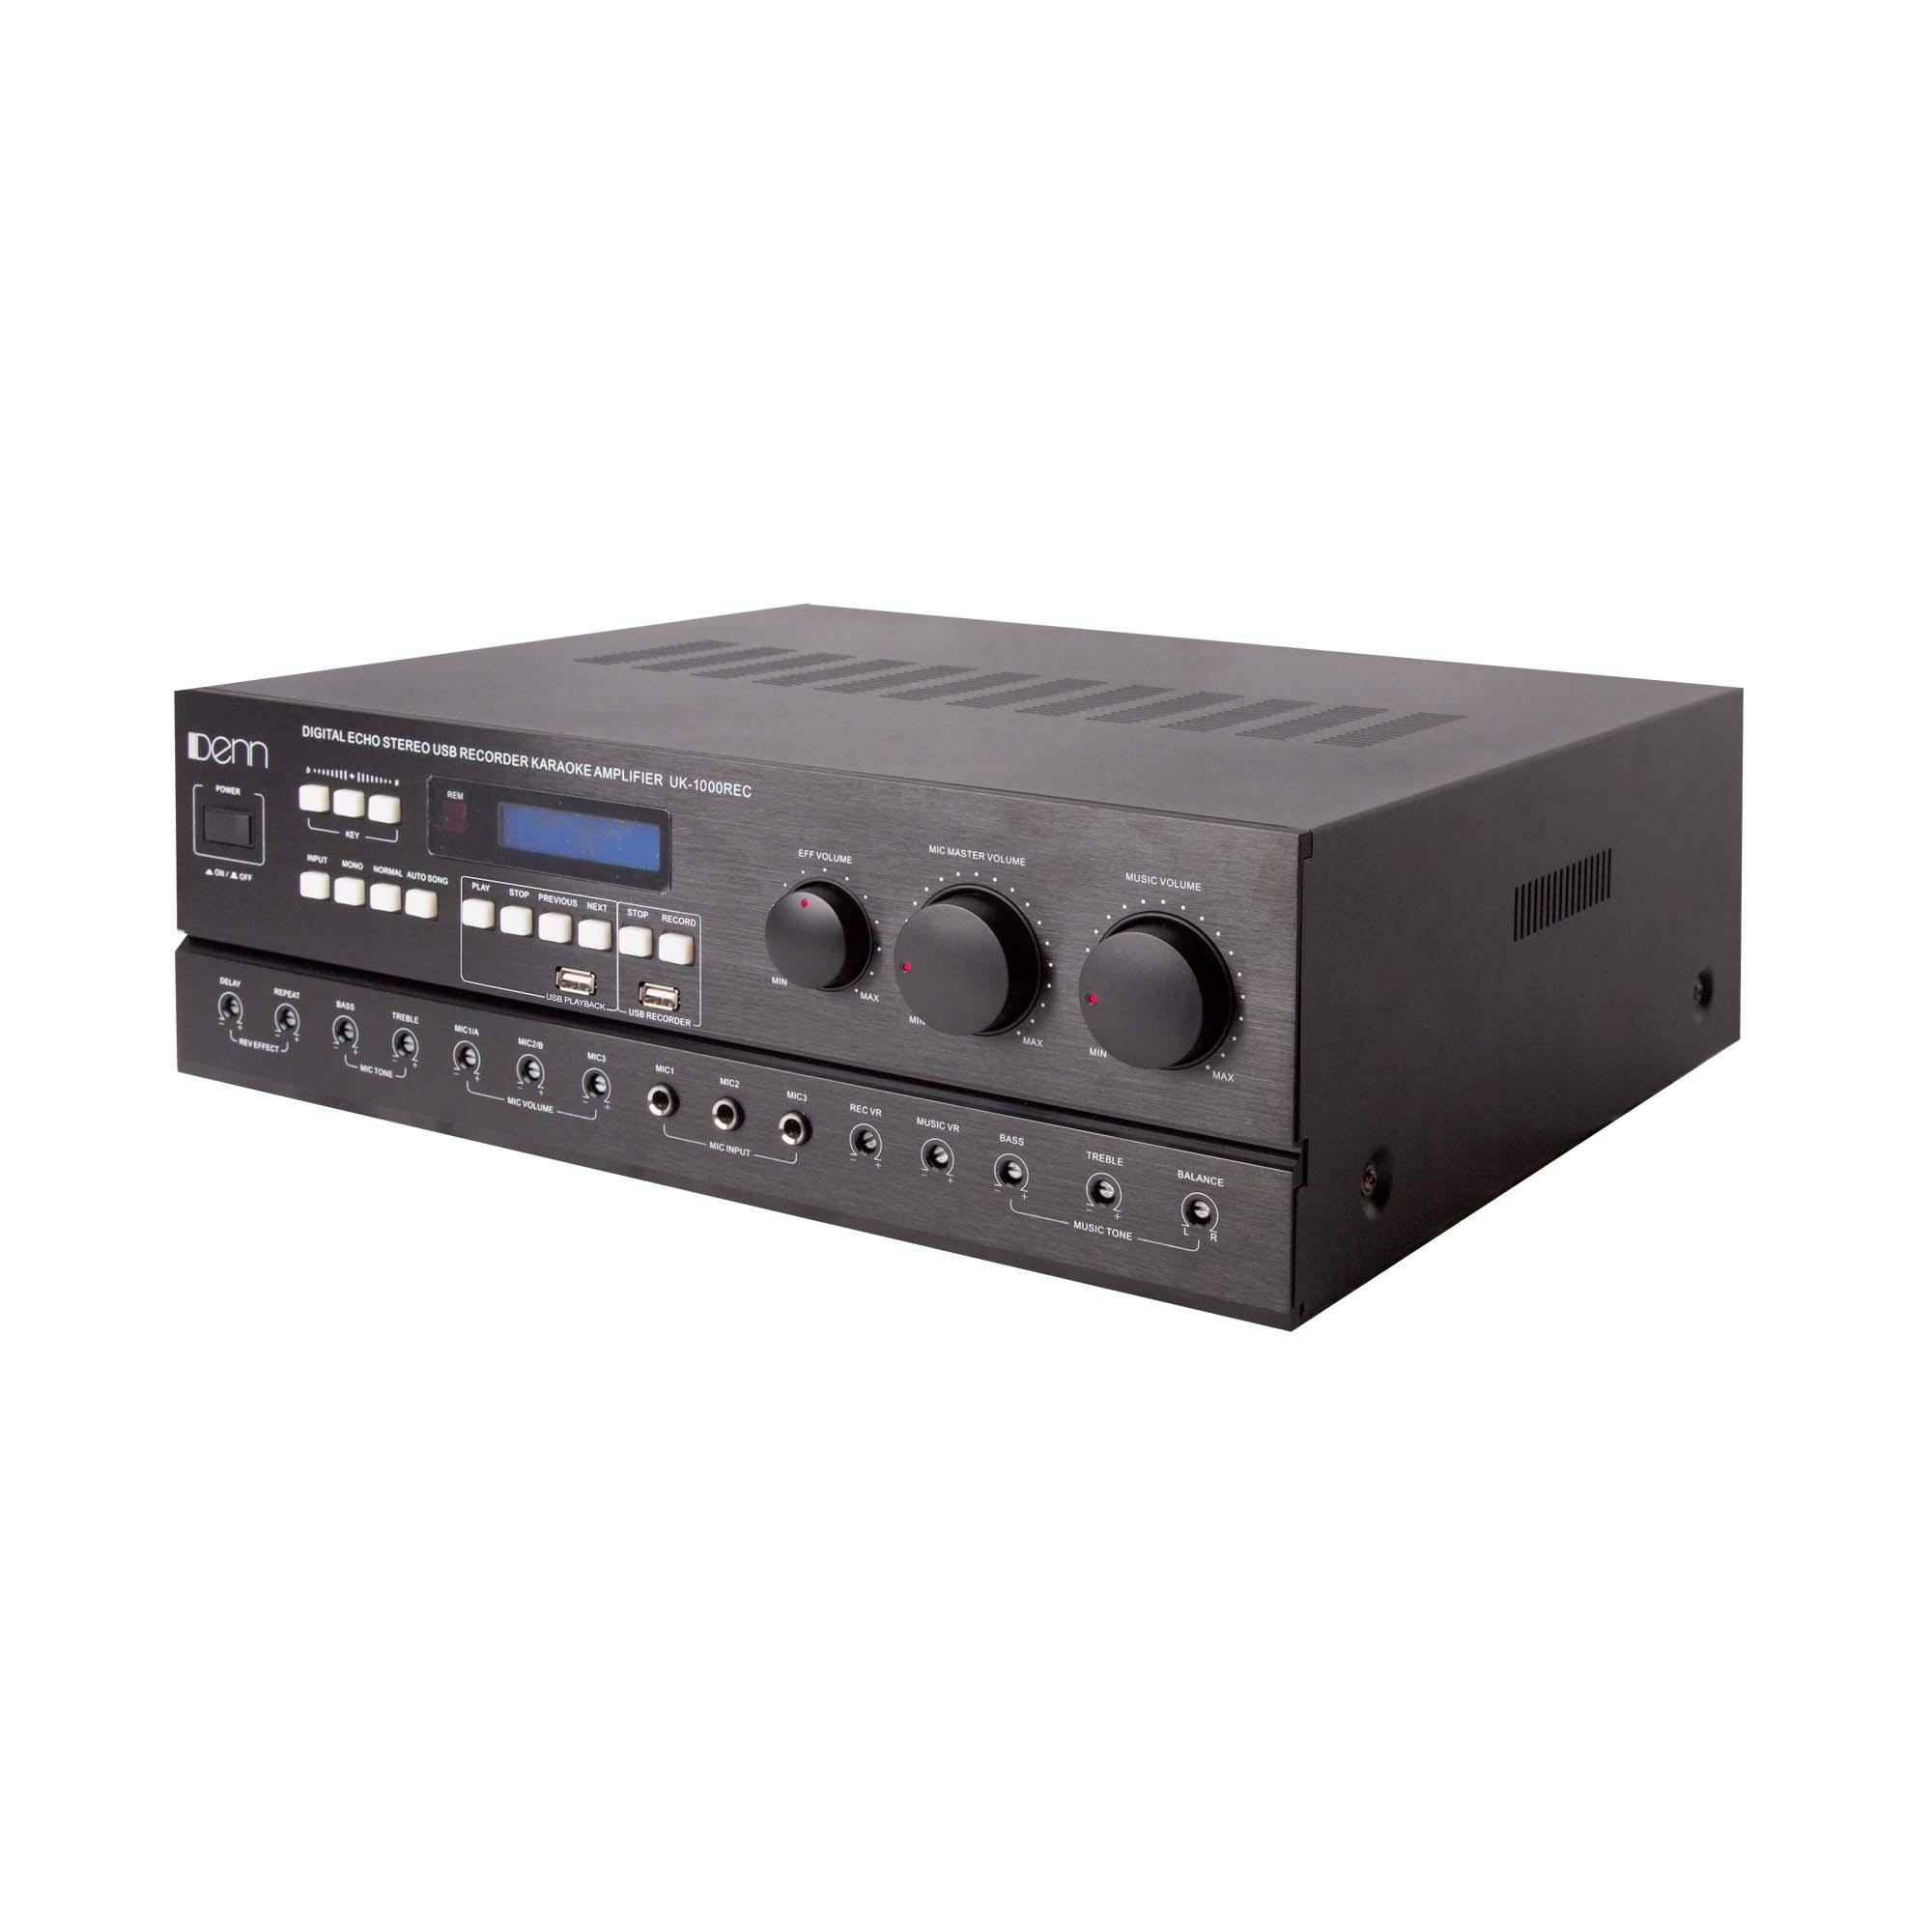 Digital Echo Stereo USB Recorder Karaoke Amplifier